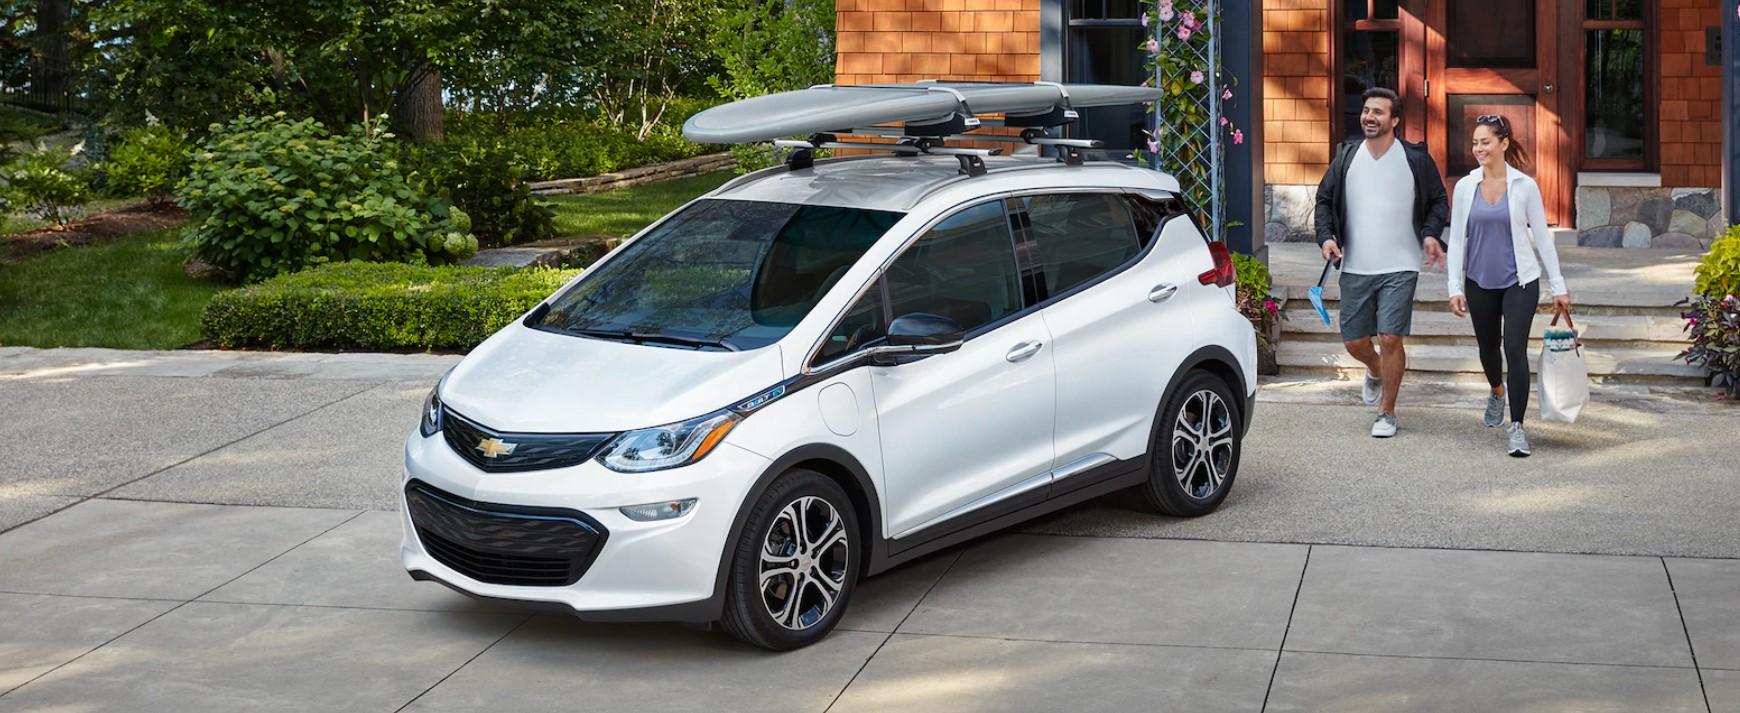 2019 Chevrolet Bolt White Front Exterior